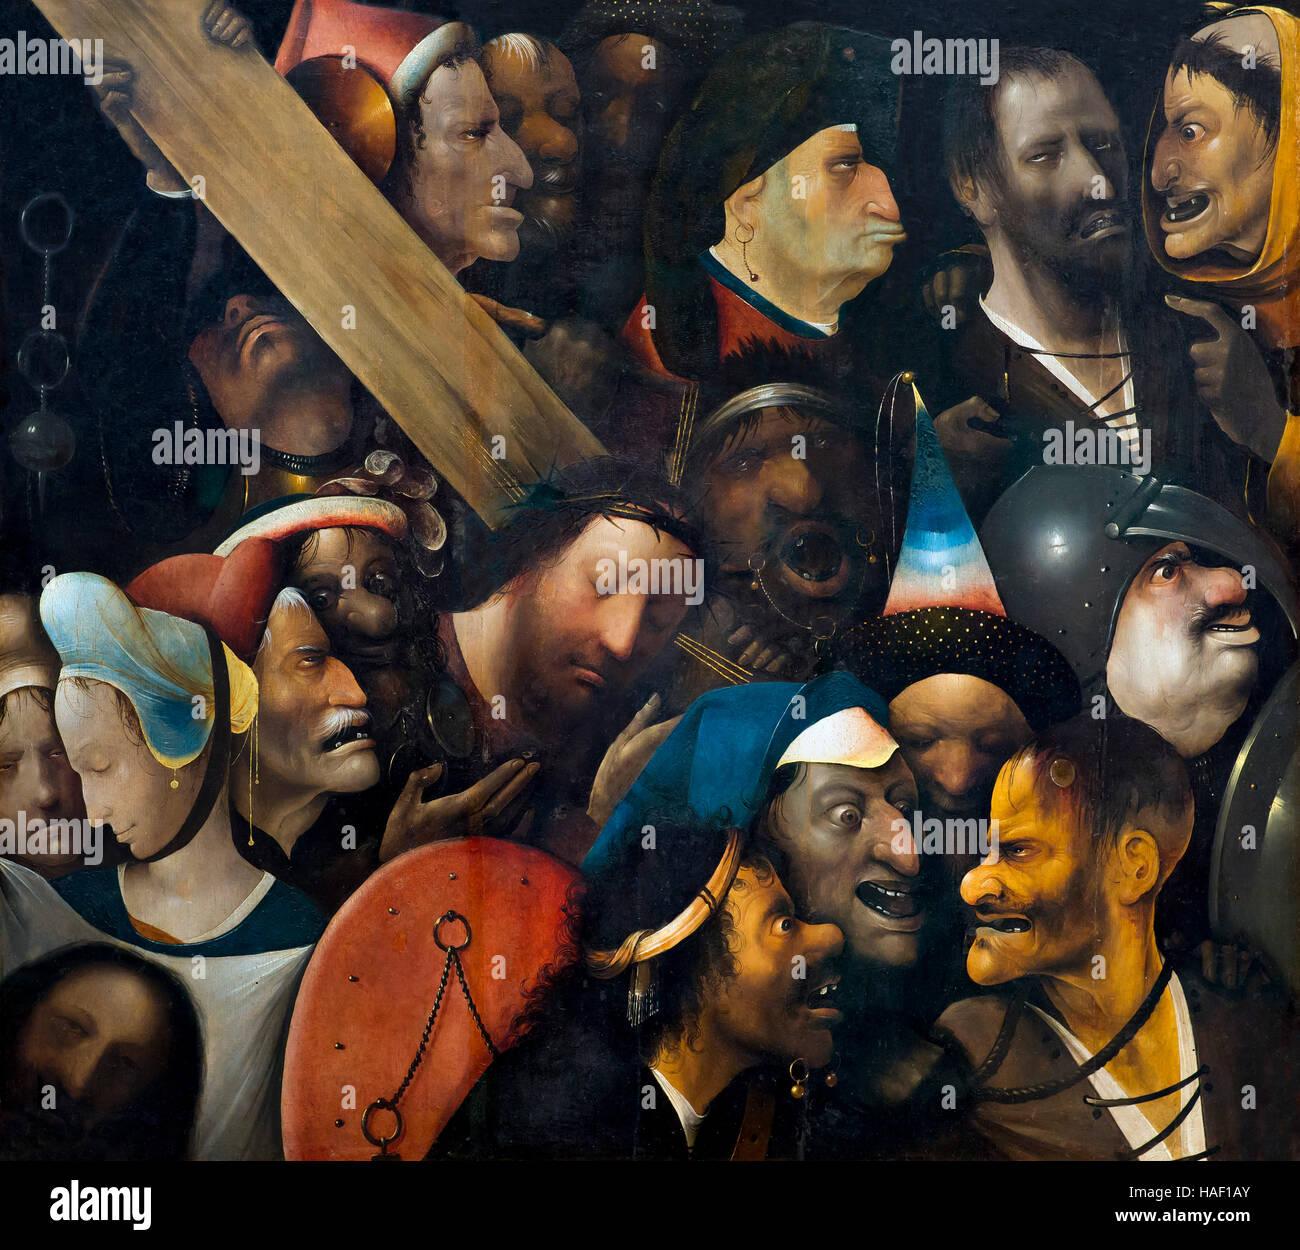 Cristo che porta la croce, da Hieronymus Bosch, circa 1510-16, il Museo delle Belle Arti, Ghent, Belgio Fiandre Occidentali, Belgio, Europa Foto Stock